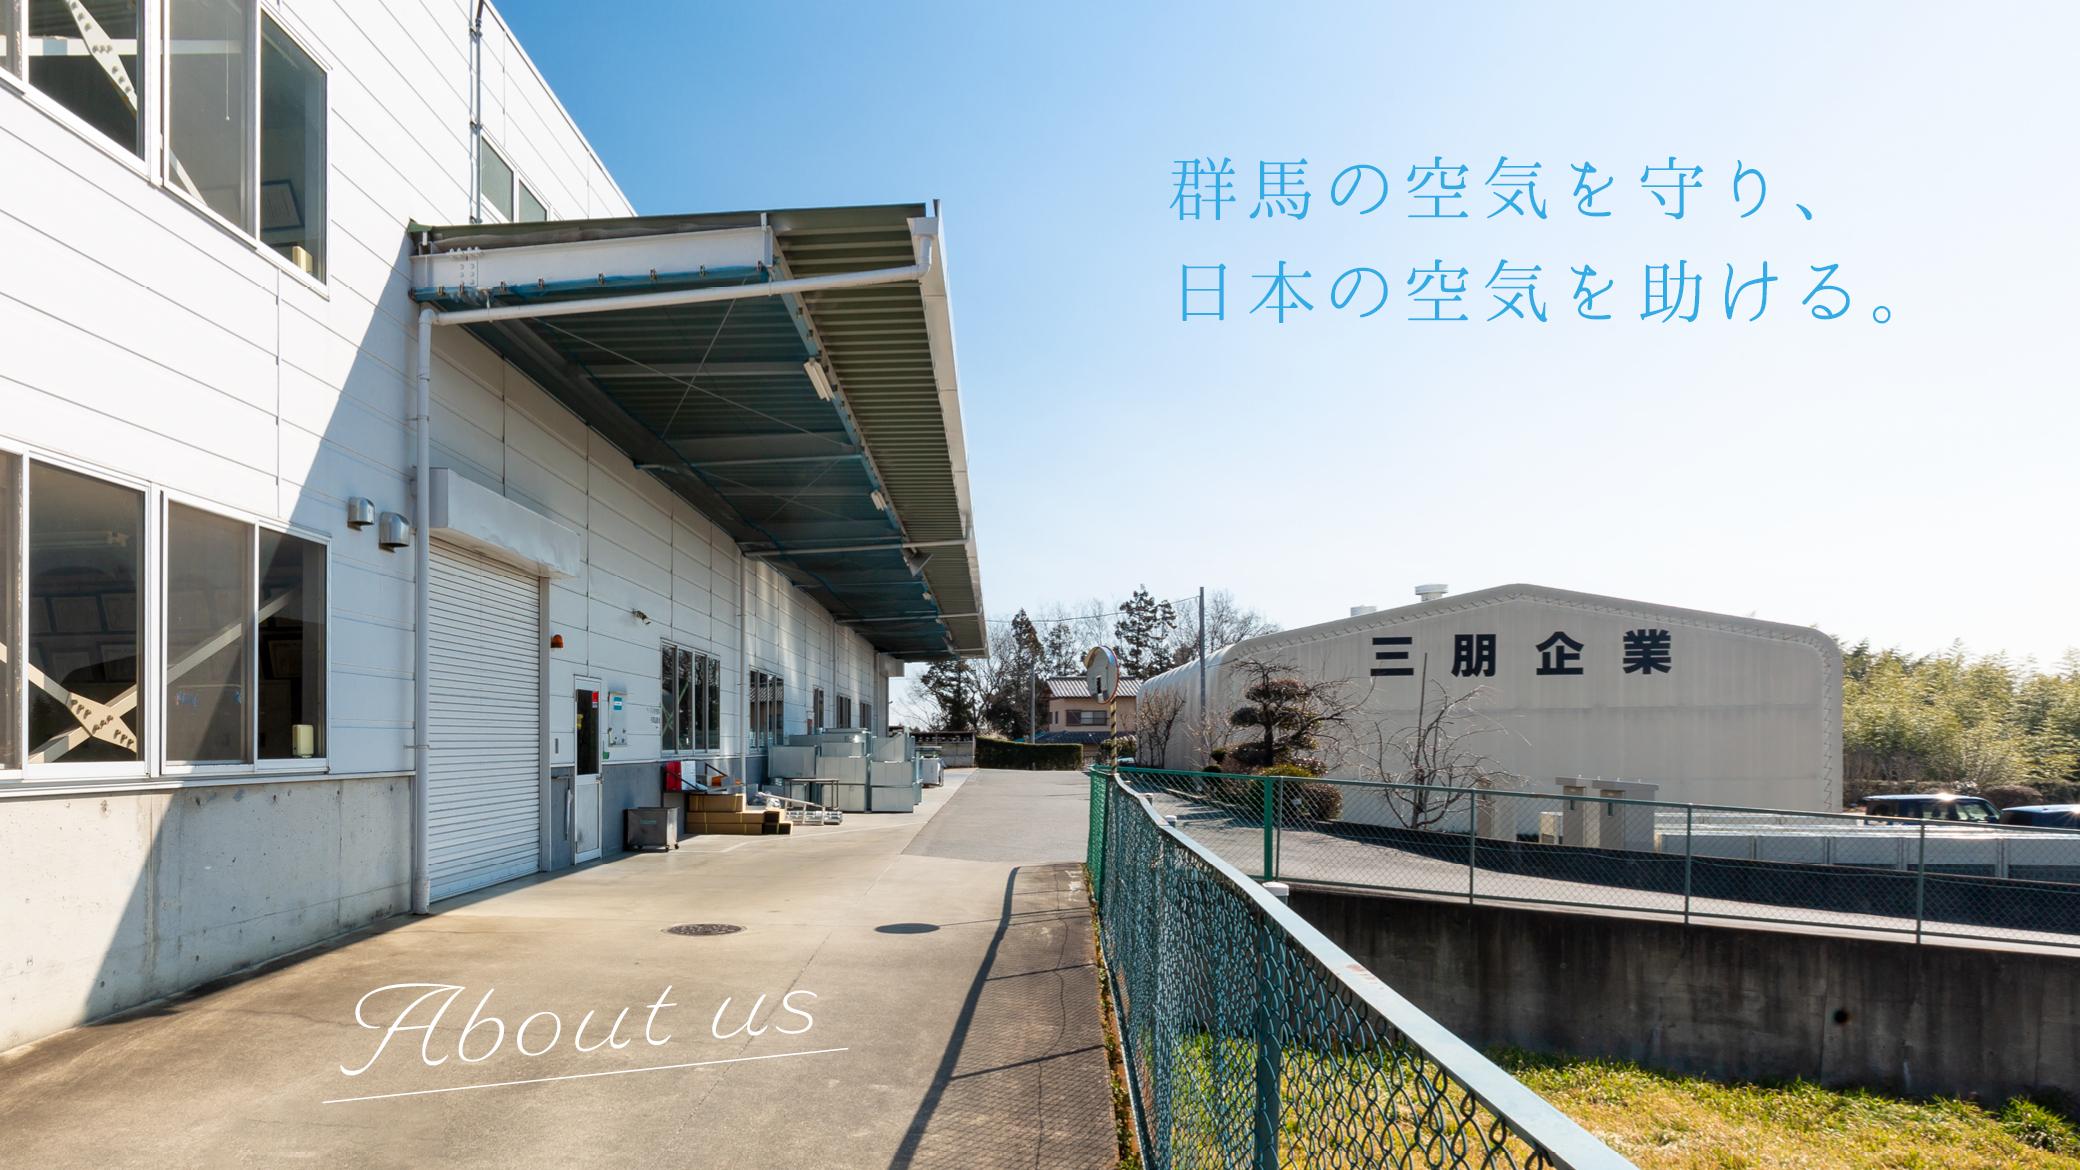 三朋企業はダクト工事、エアコン工事、板金工事の3事業を主軸に「空調設備工事の一貫生産サービス」を目指します。